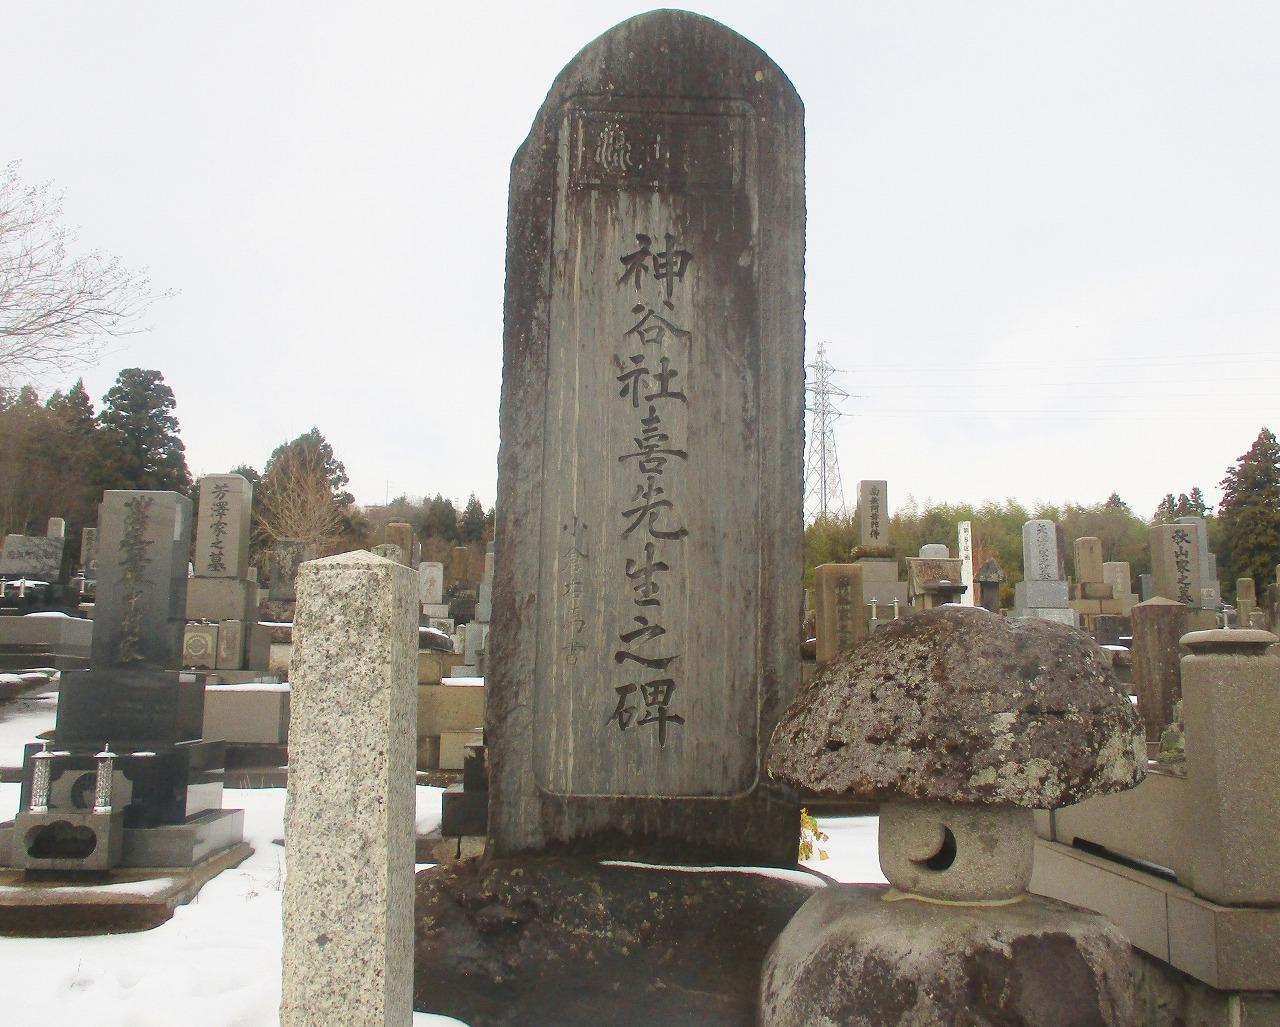 神谷様の曾お爺さんの石碑_b0163804_14424138.jpg